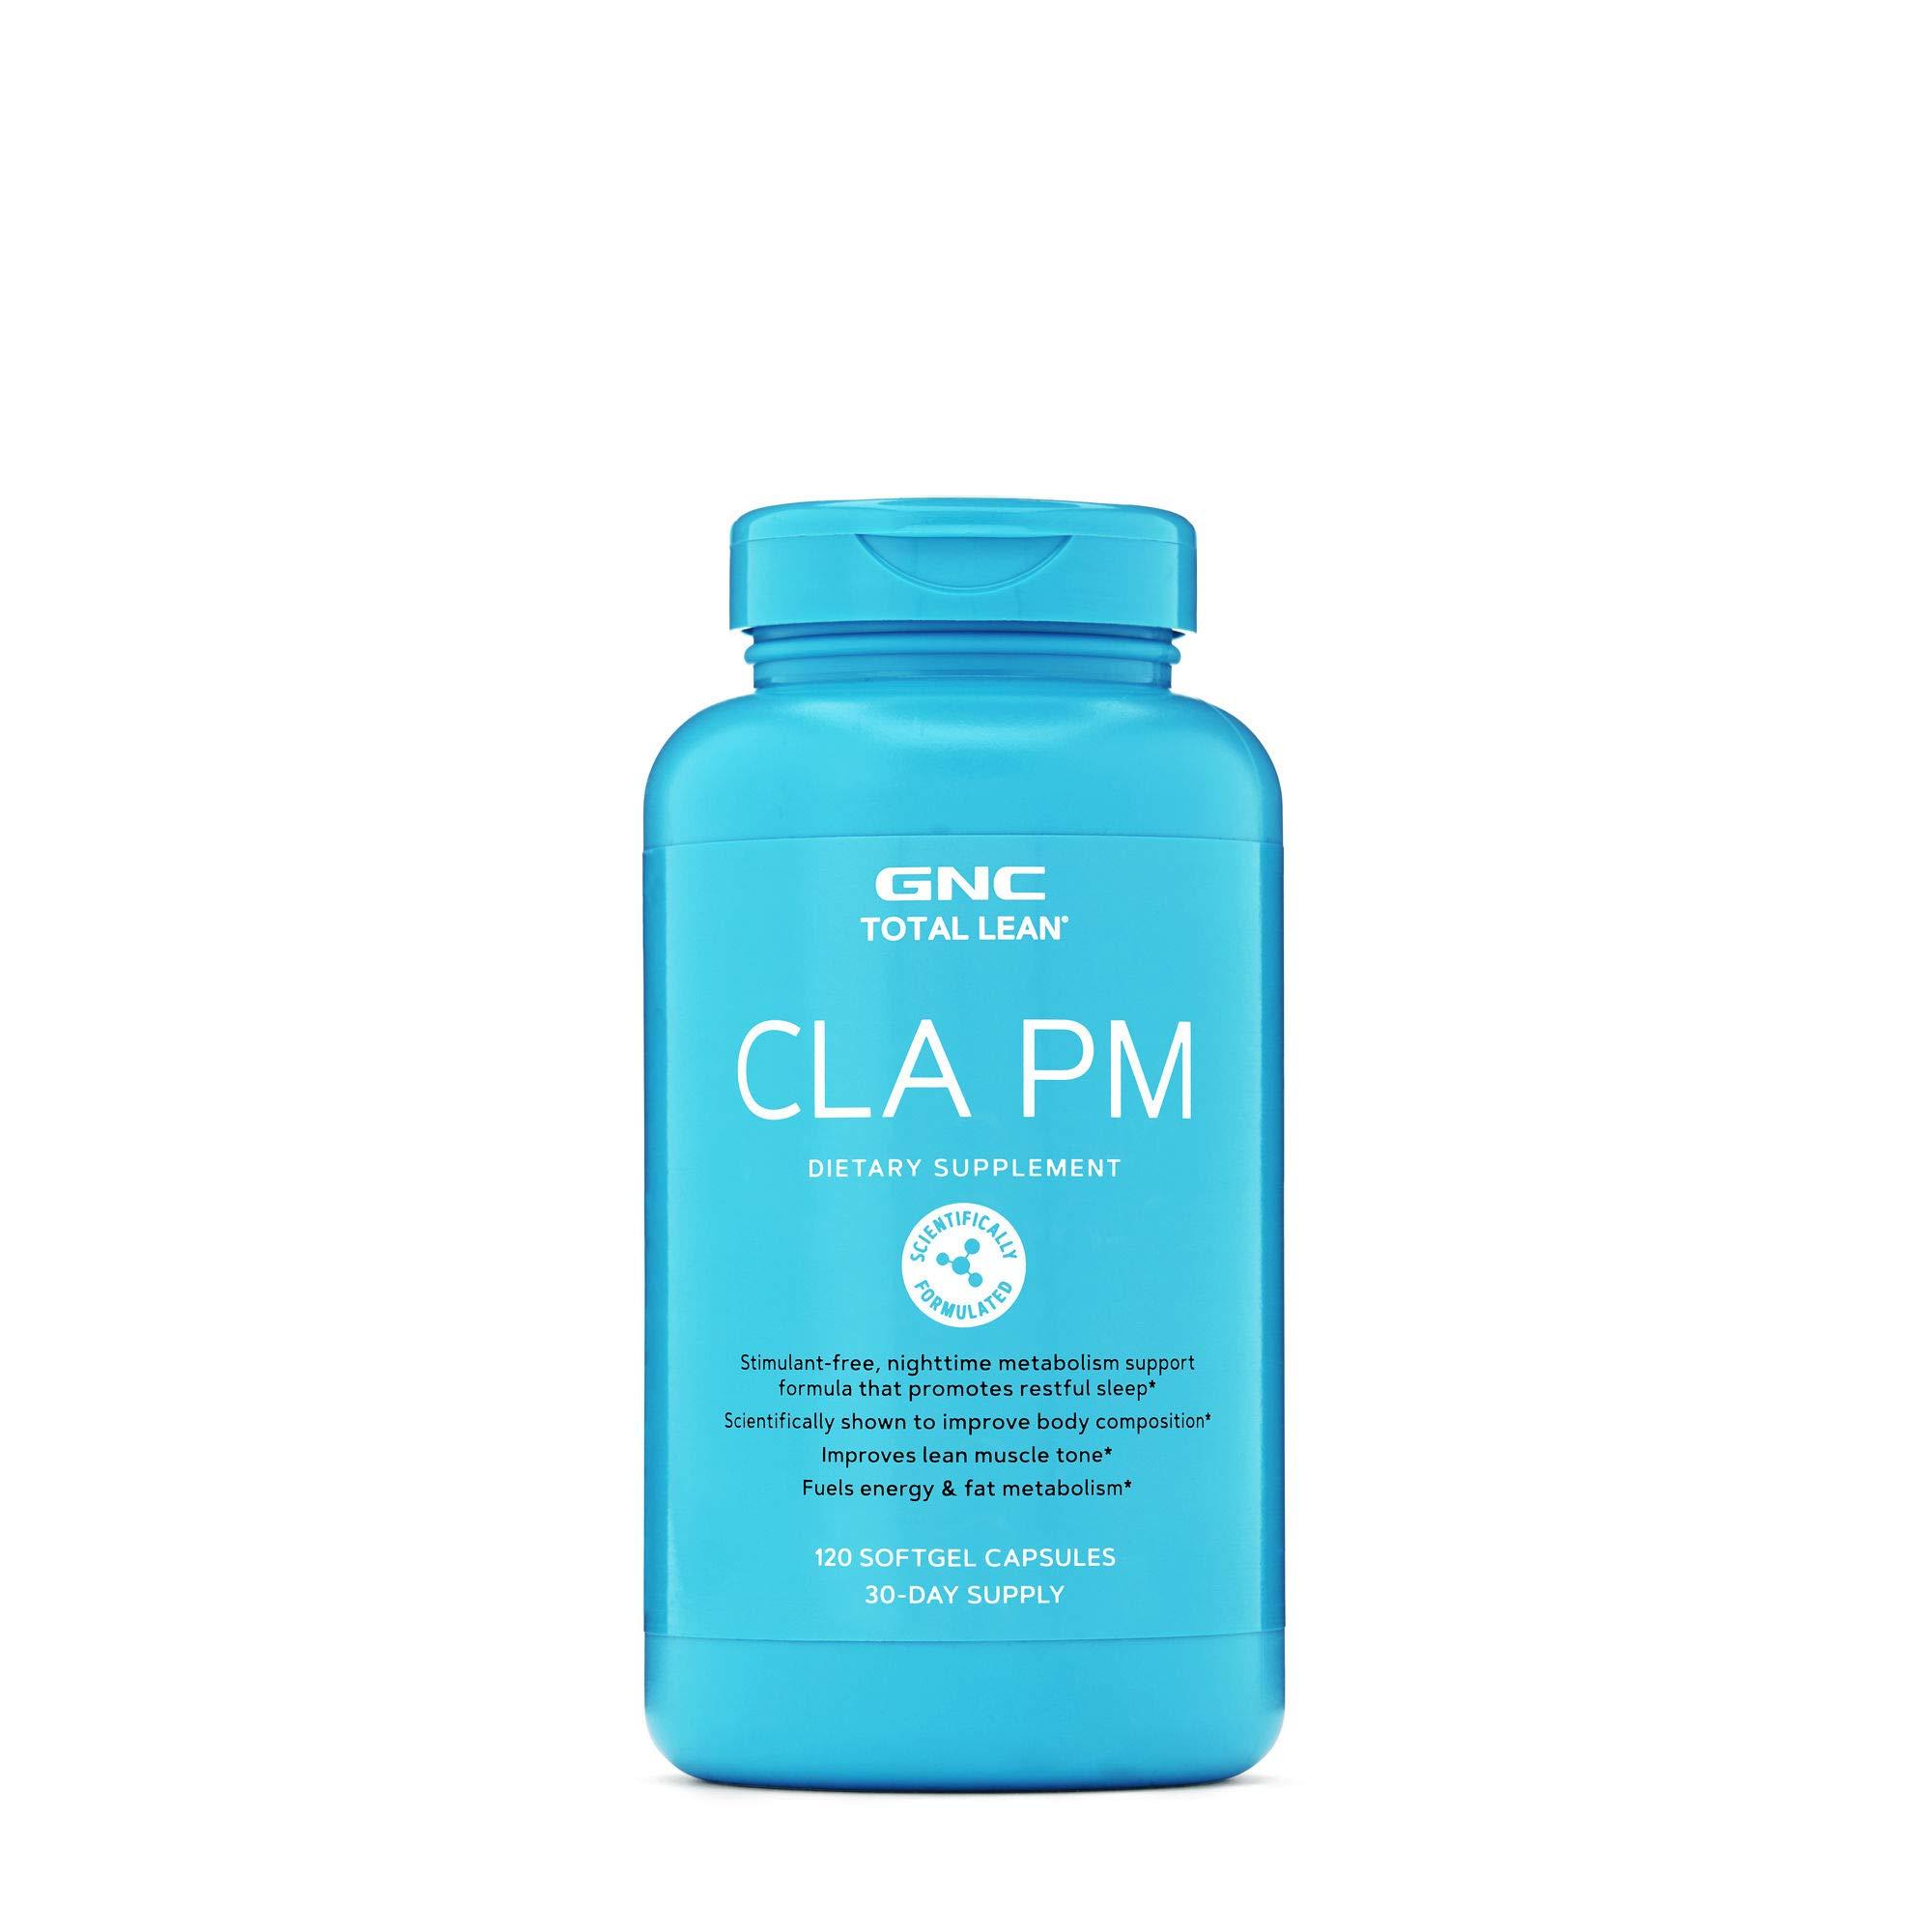 GNC Total Lean CLA PM